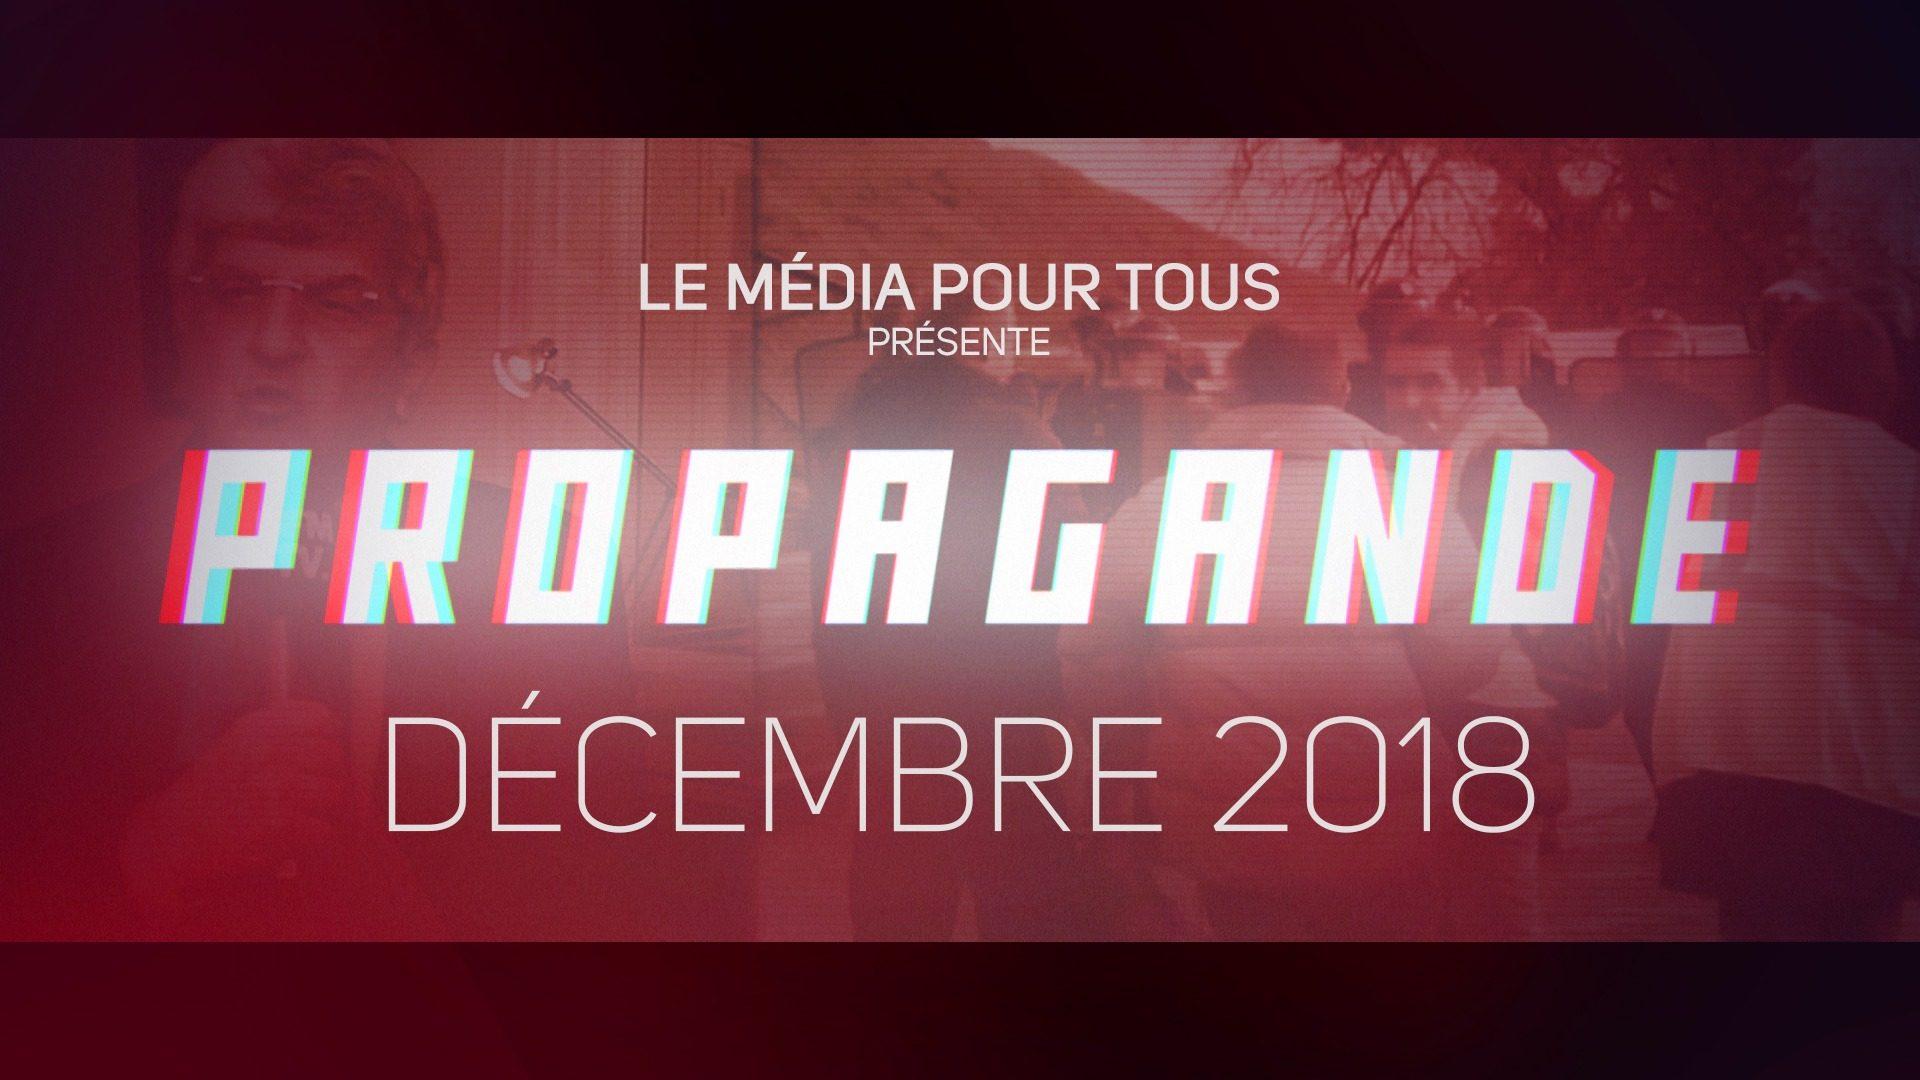 Propagande Décembre 2018